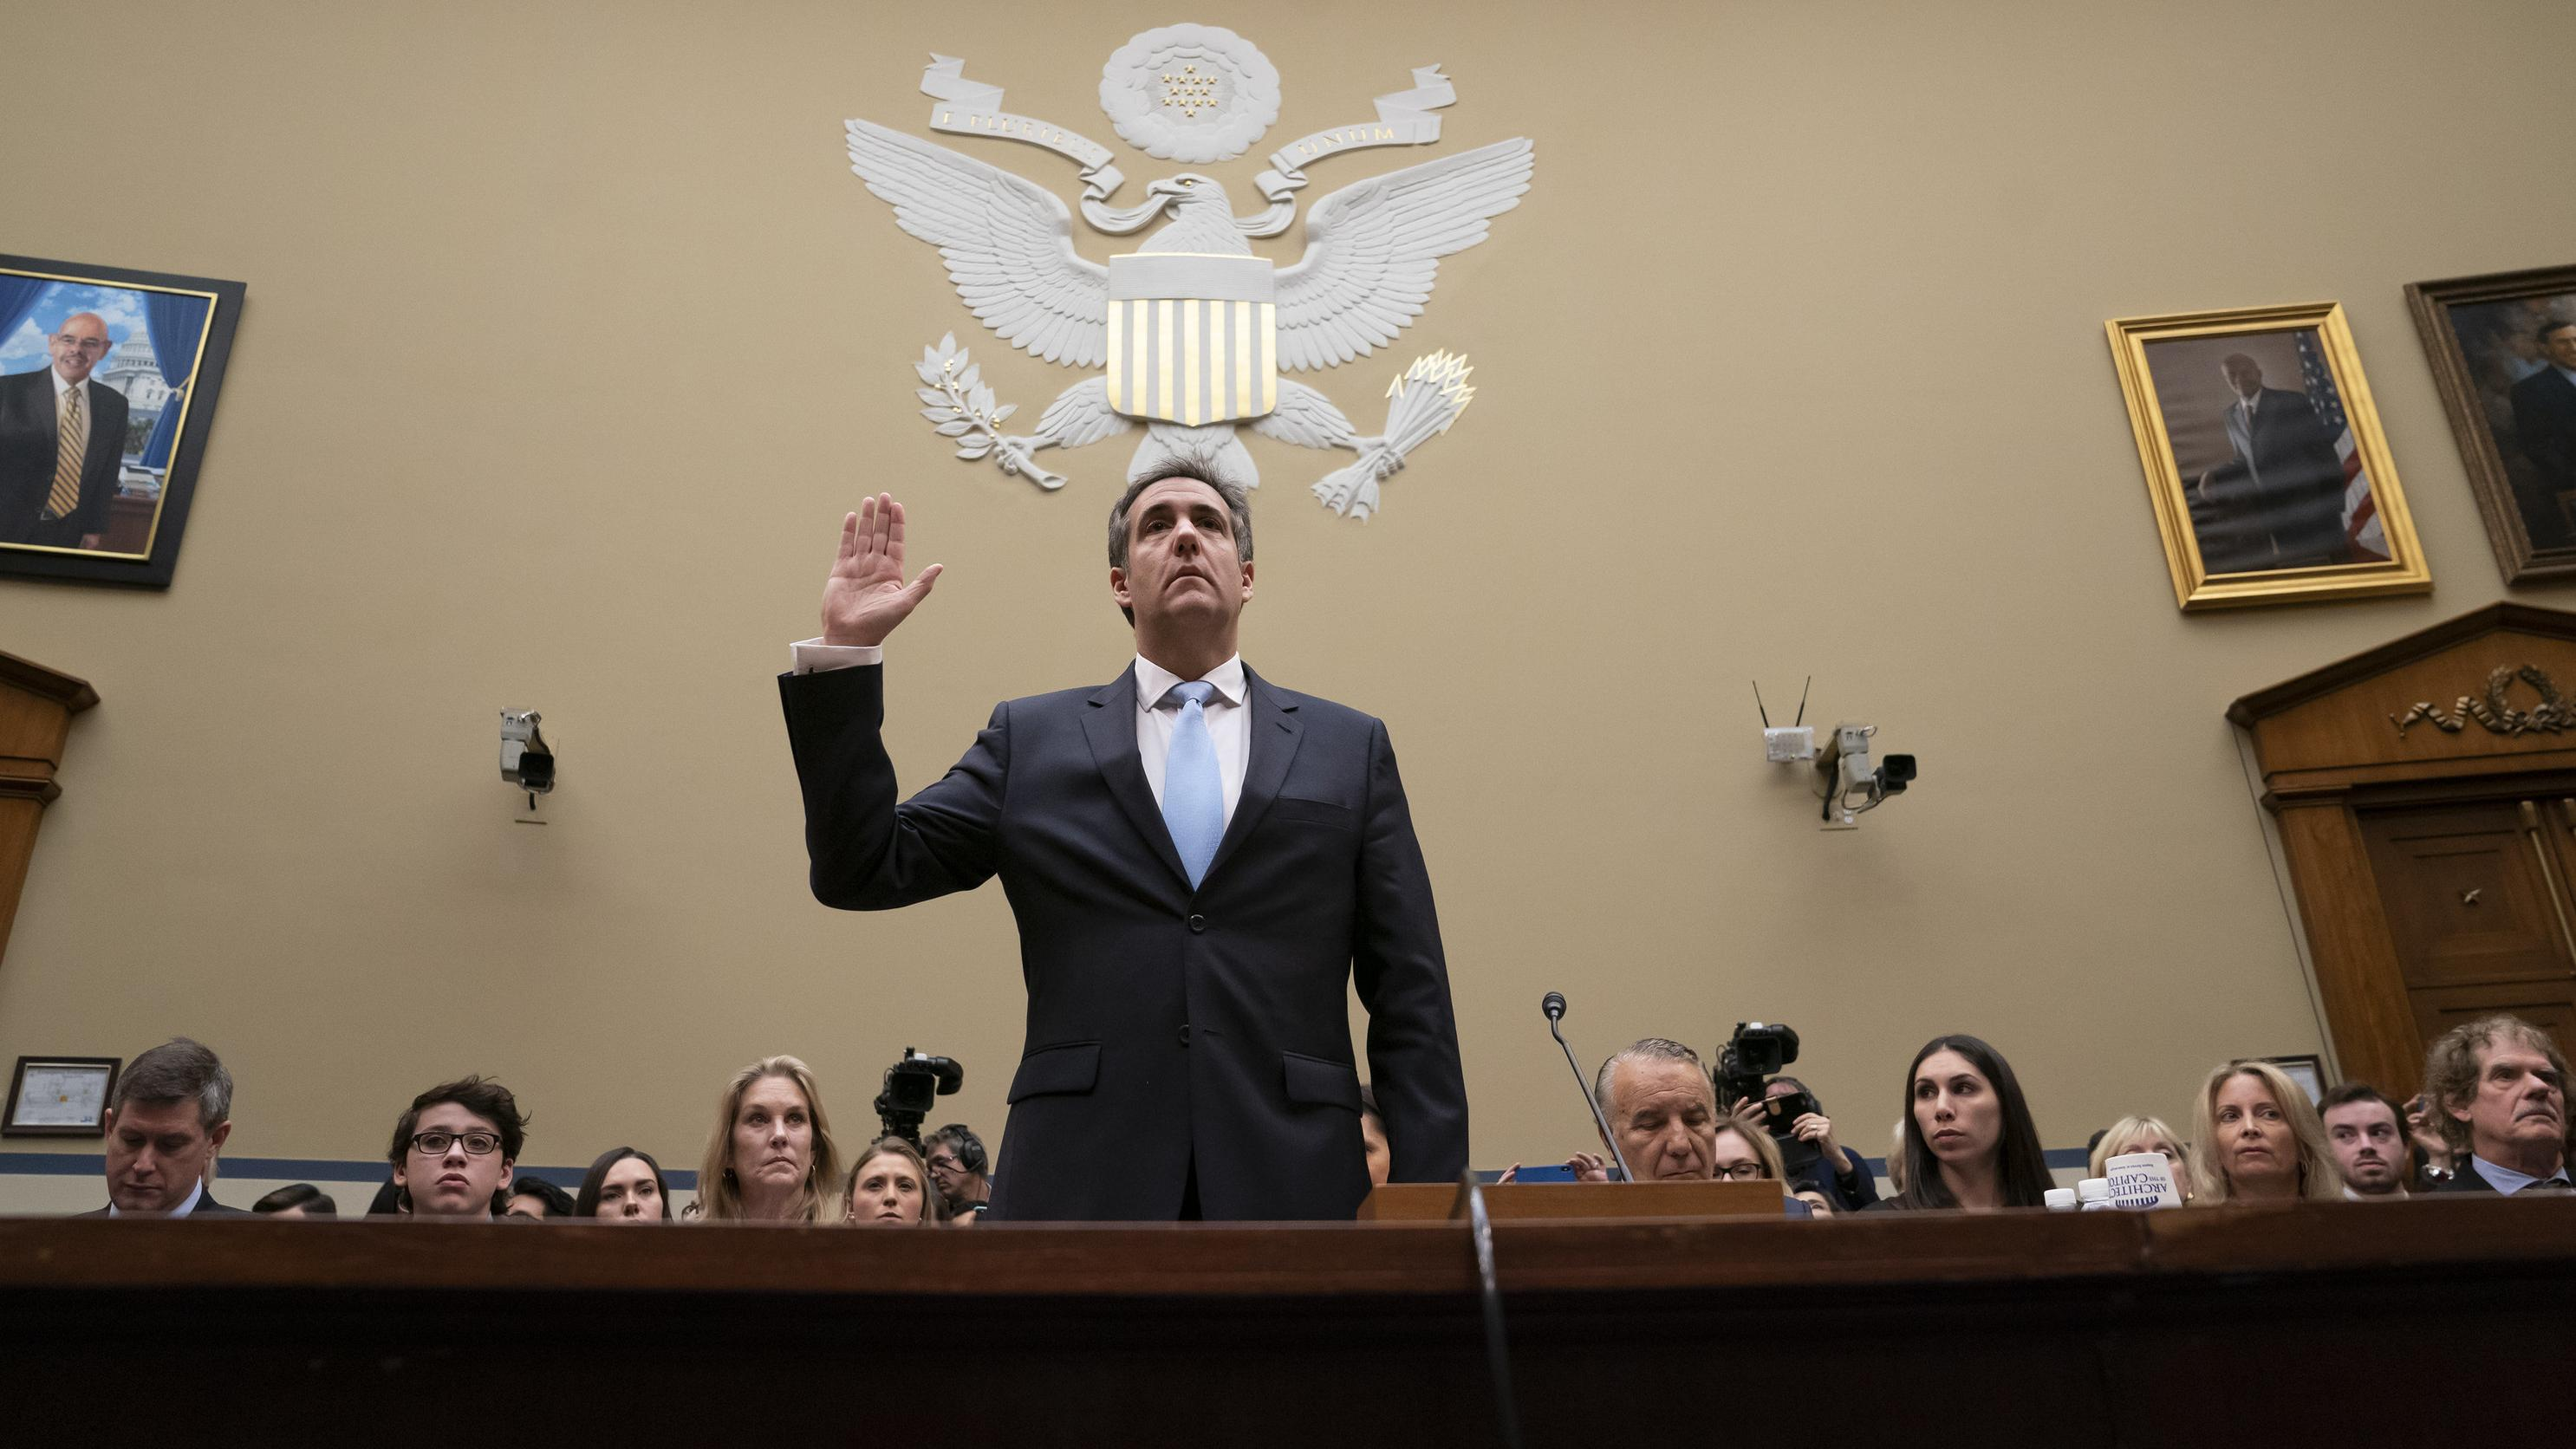 Michael Cohen sagt bei der öffentlichen Anhörung im Kongress unter Eid aus